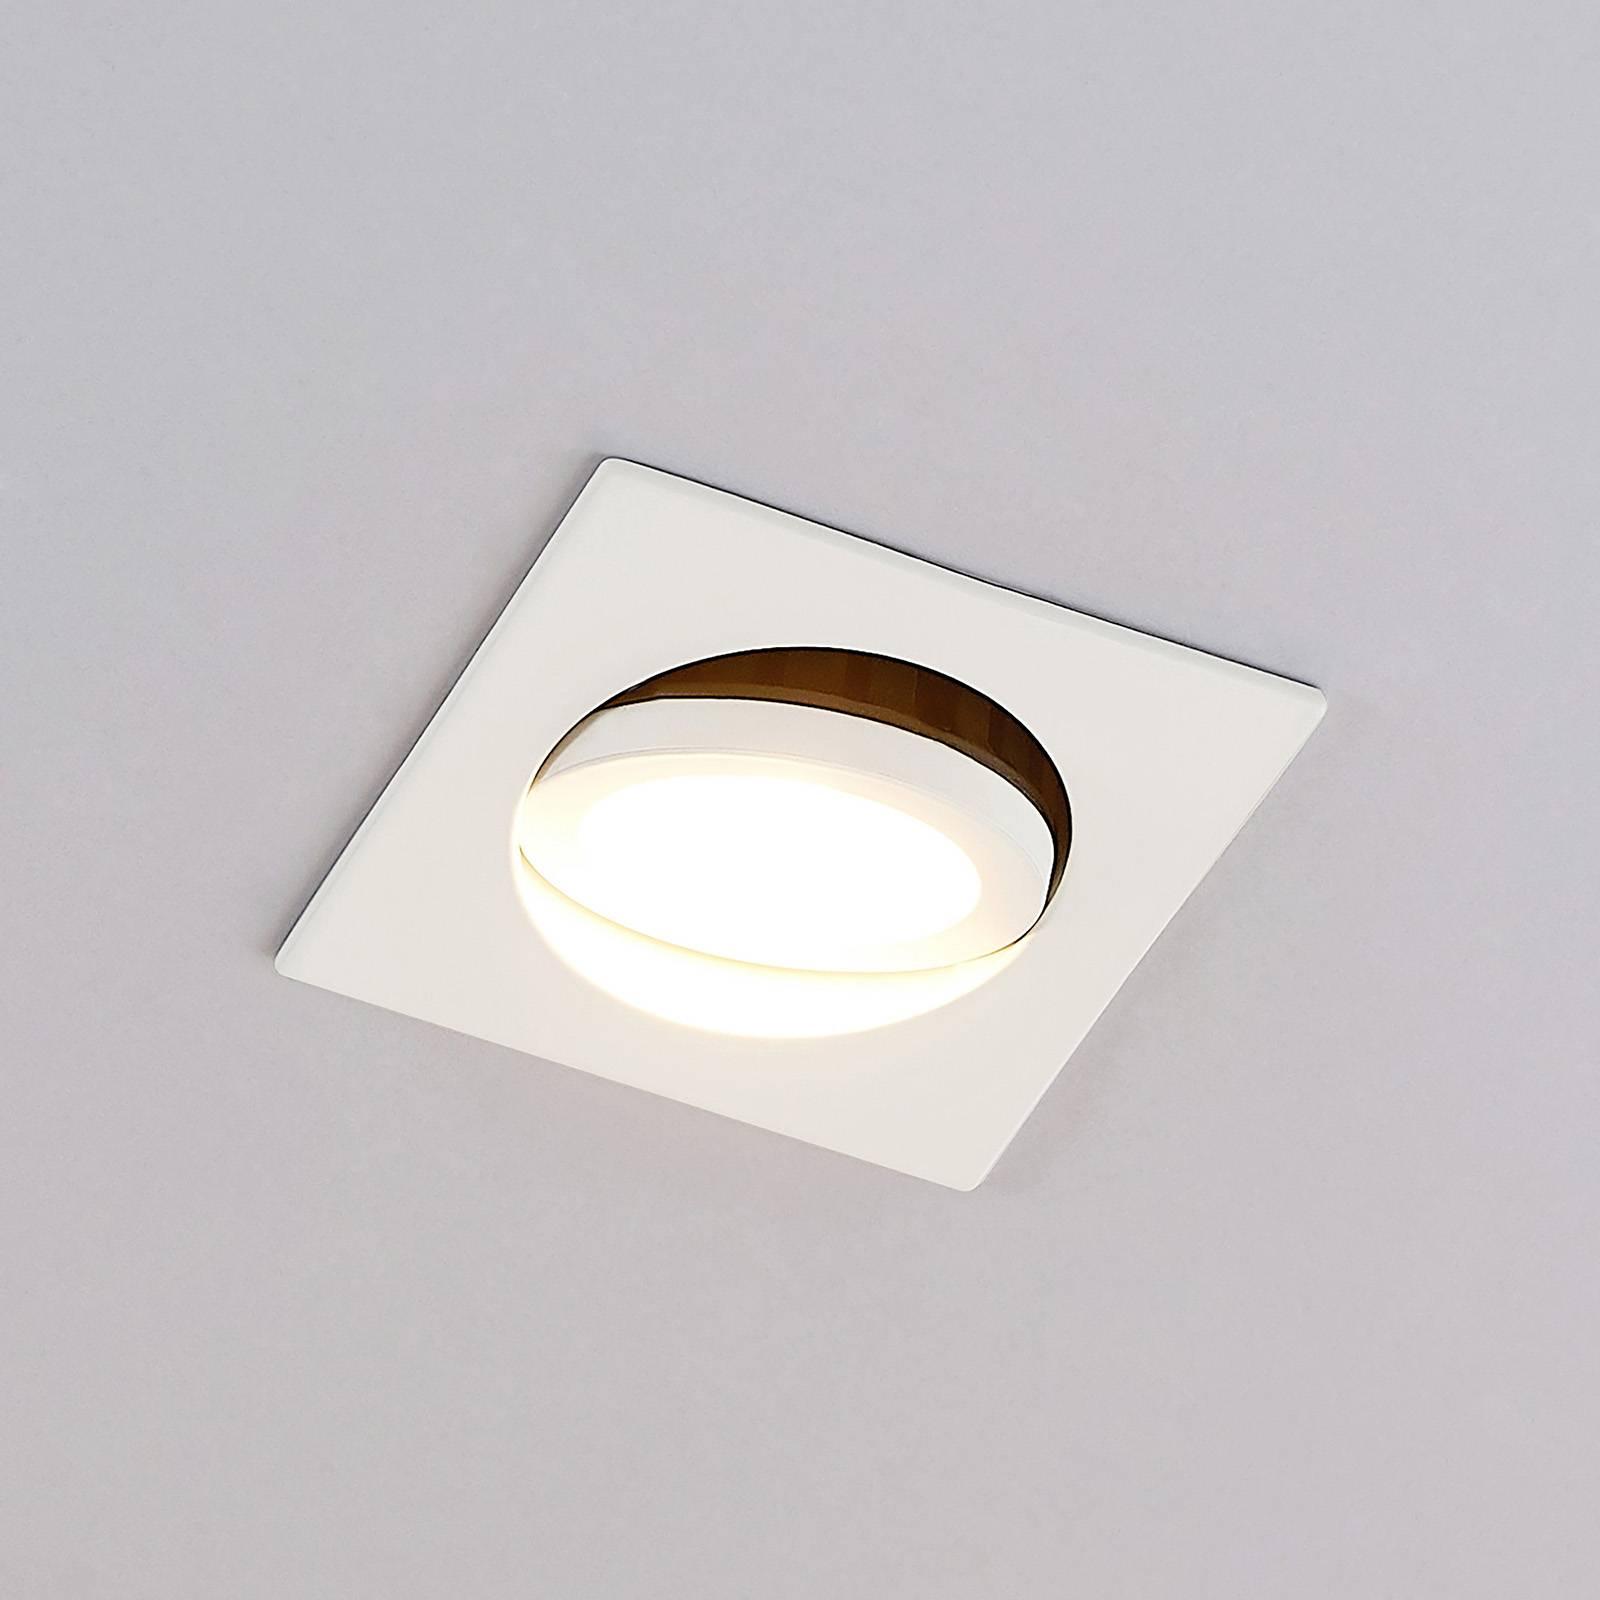 Arcchio Dacio LED-alasvalo kulmikas 36° IP65 6,4W